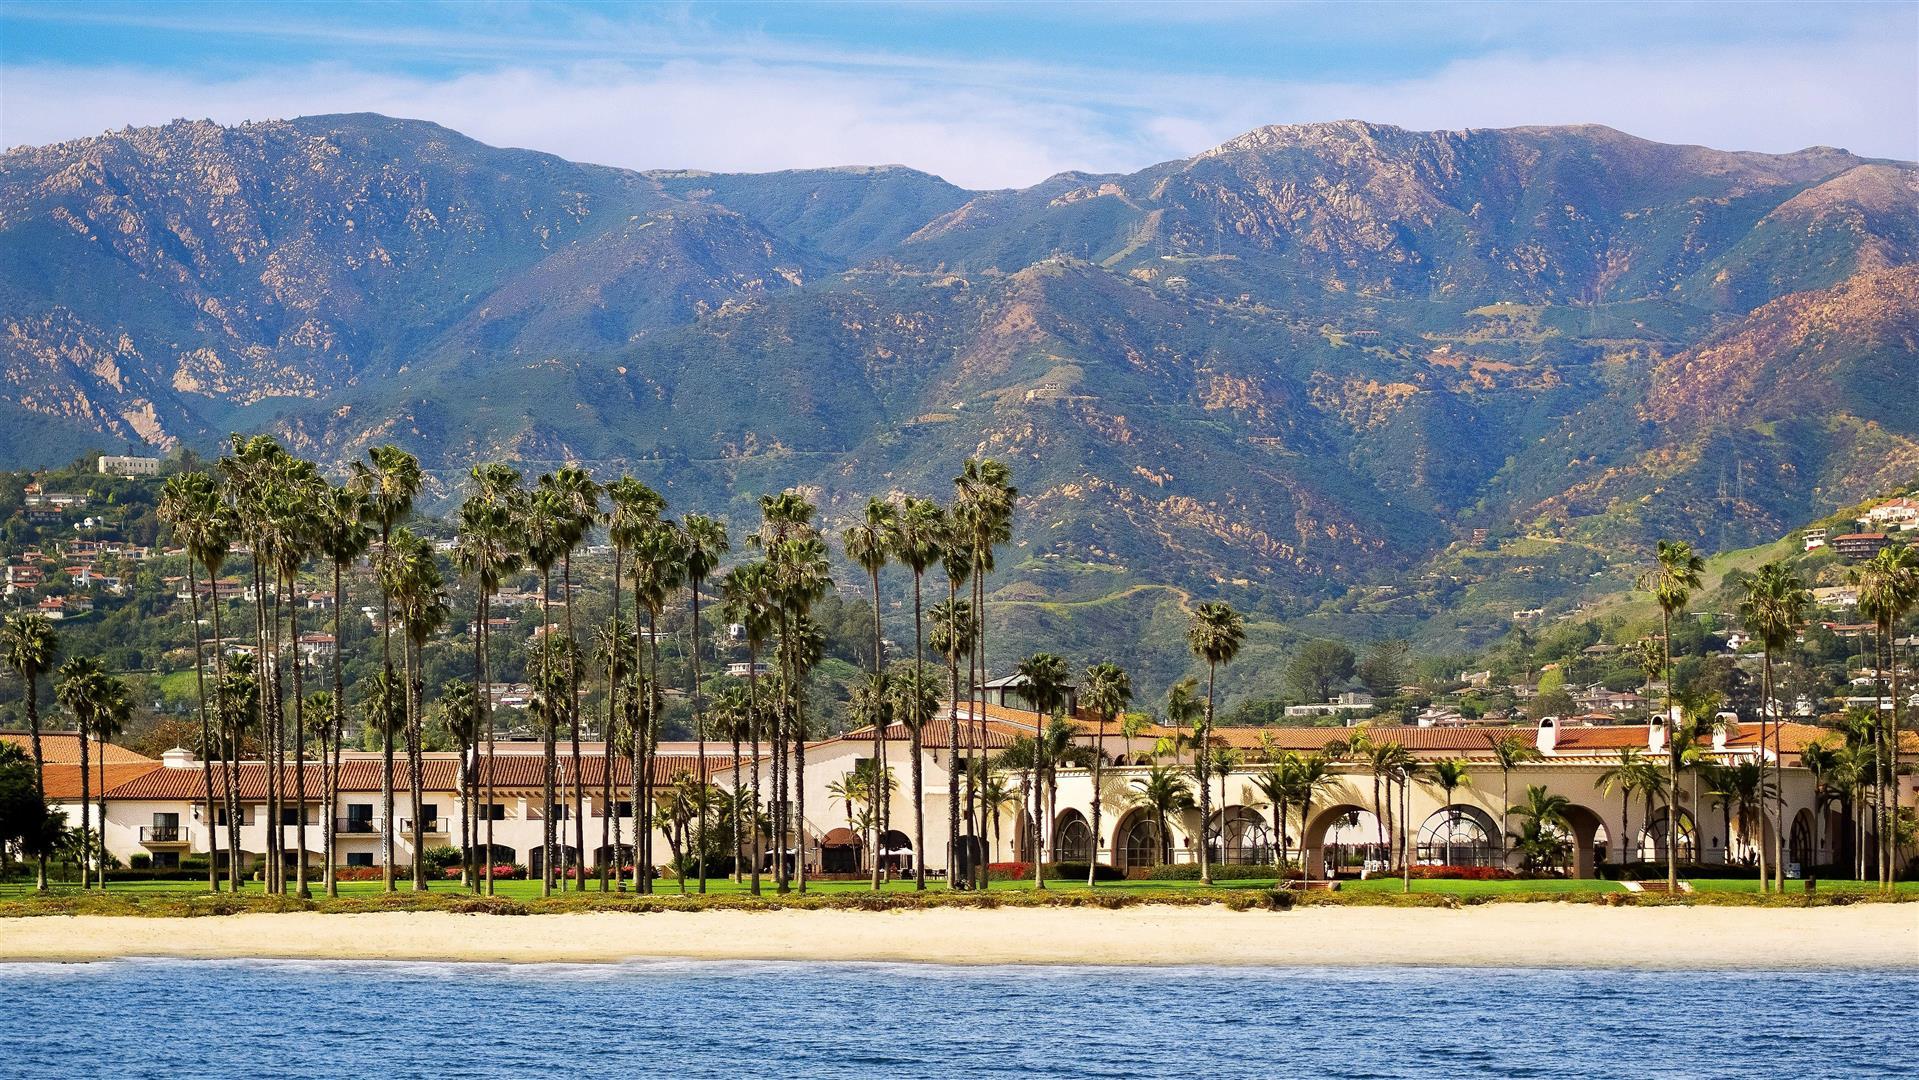 Rebrand and Remodel of Hilton Santa Barbara Beachfront Resort